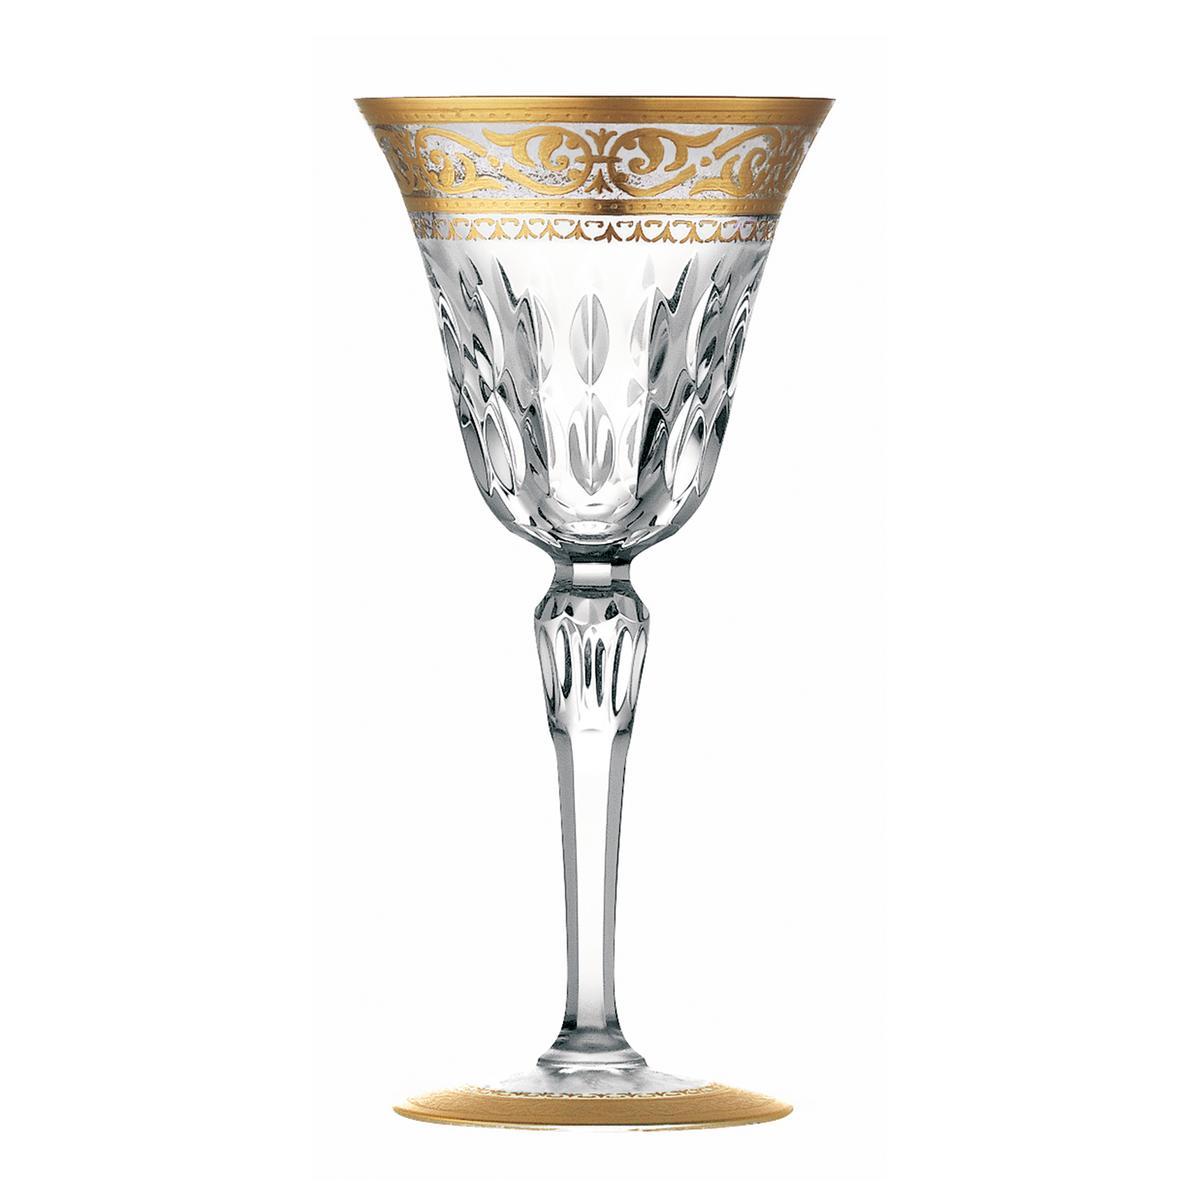 saint louis glas stella dekor gold nr 2. Black Bedroom Furniture Sets. Home Design Ideas